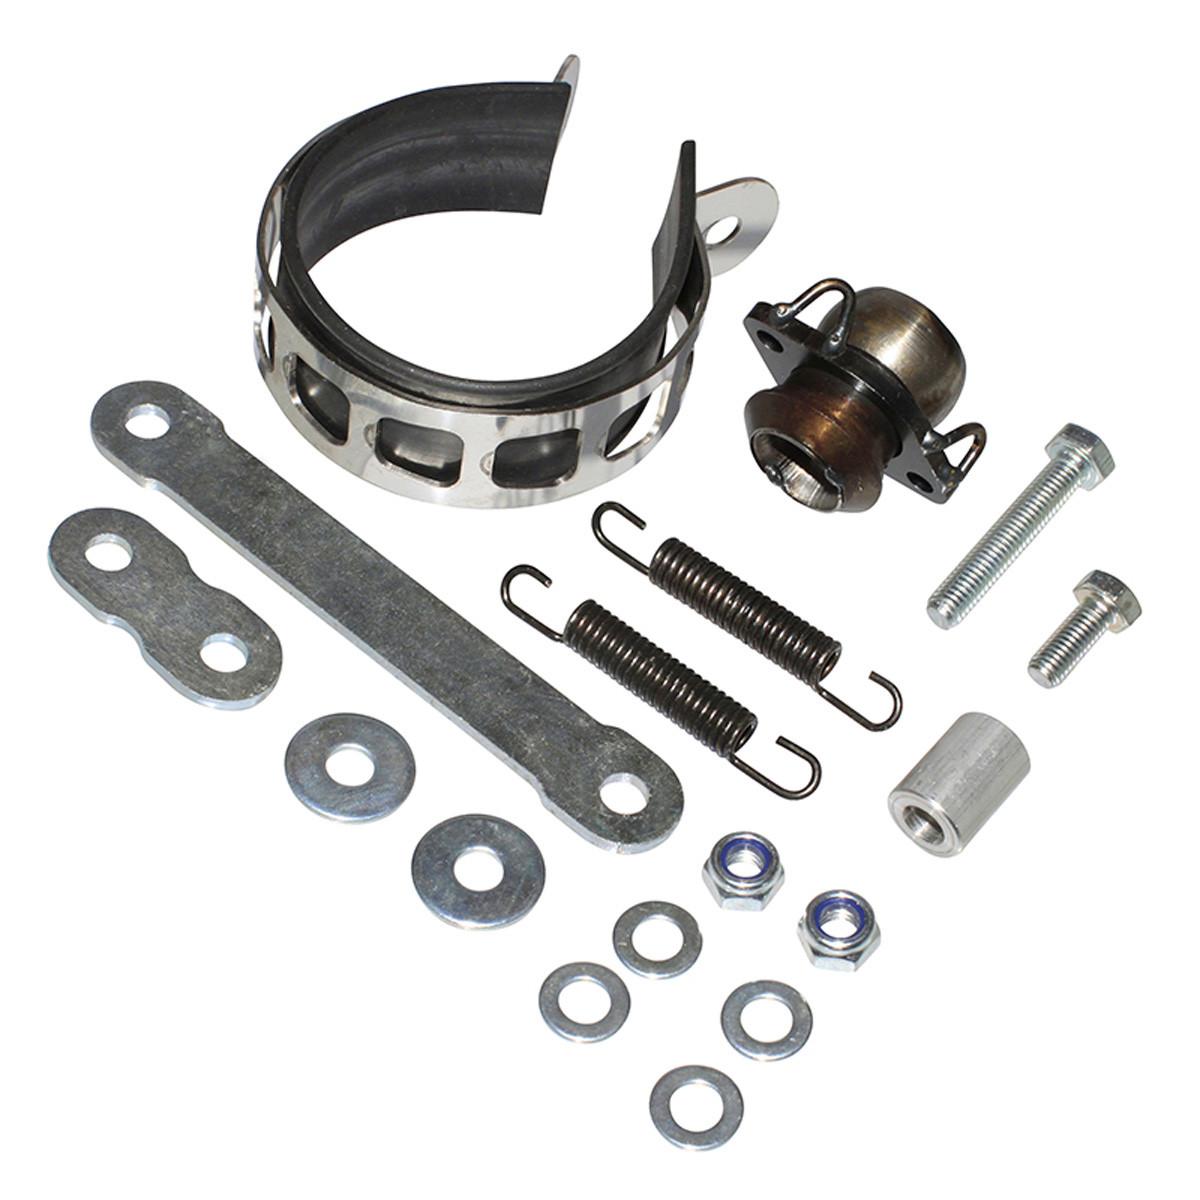 Kit Montage Pot Passage Bas DERBI Senda DRD Racing - ARTEK K2